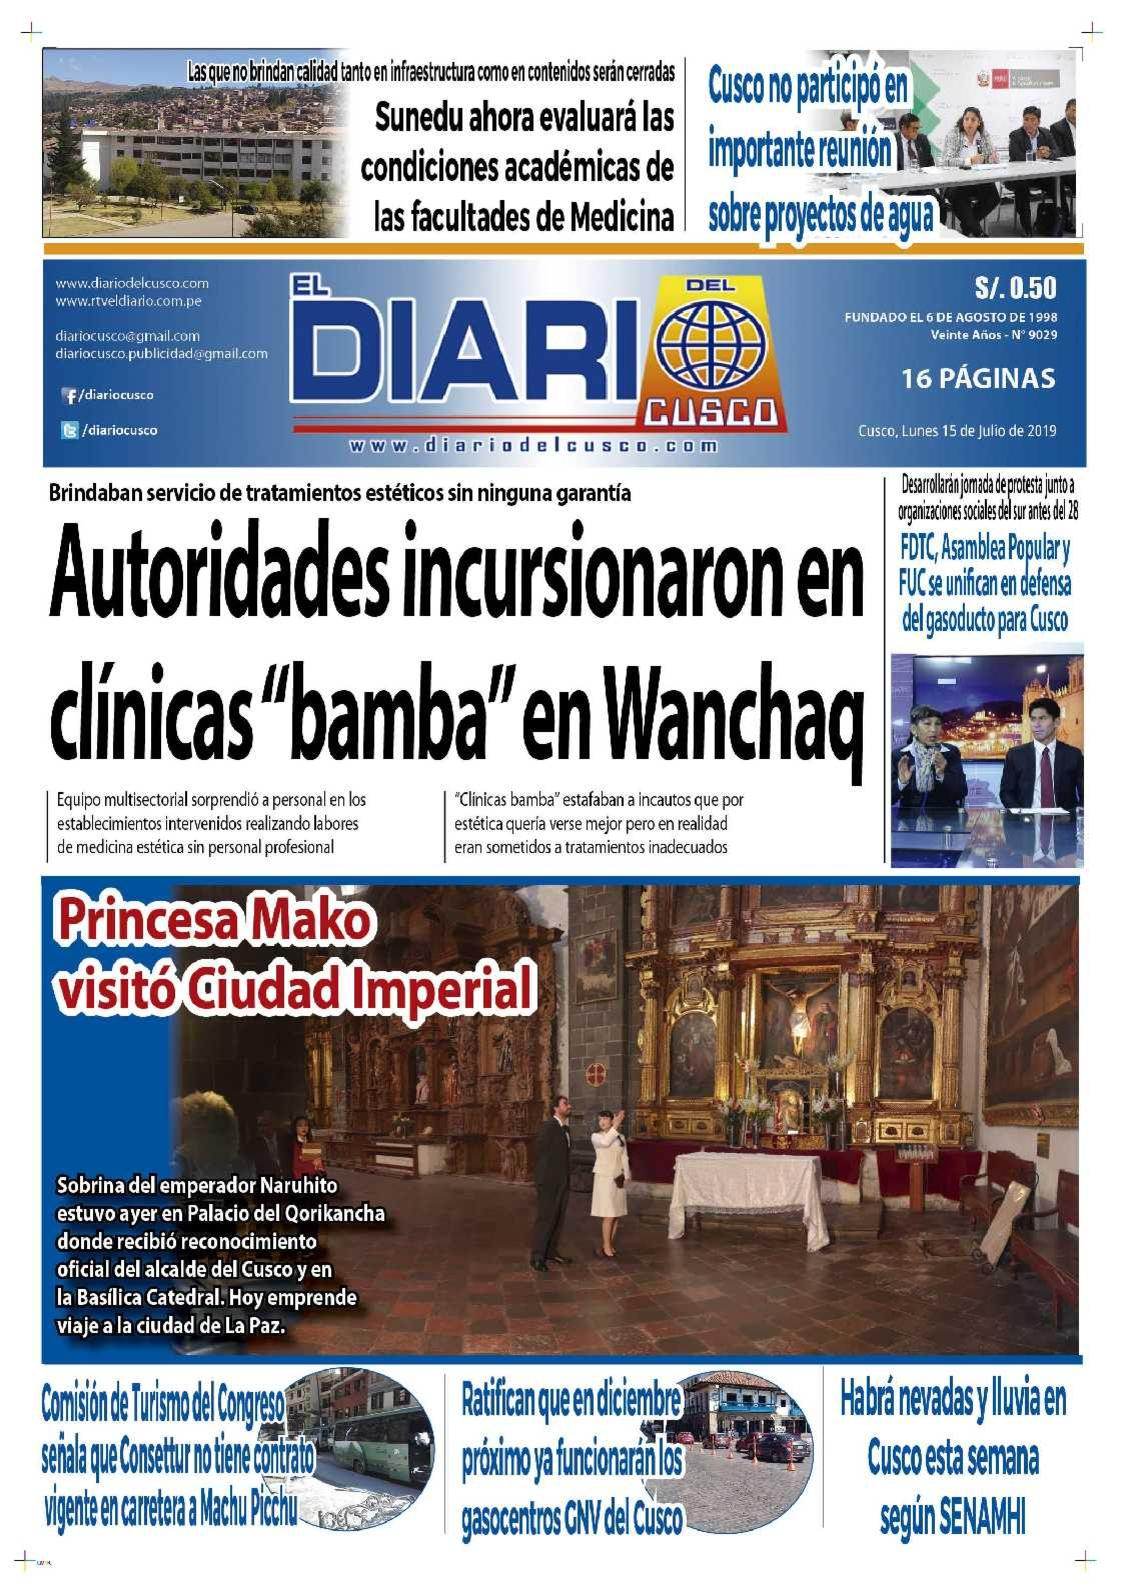 Diario del Cusco  15 de Julio de 2019